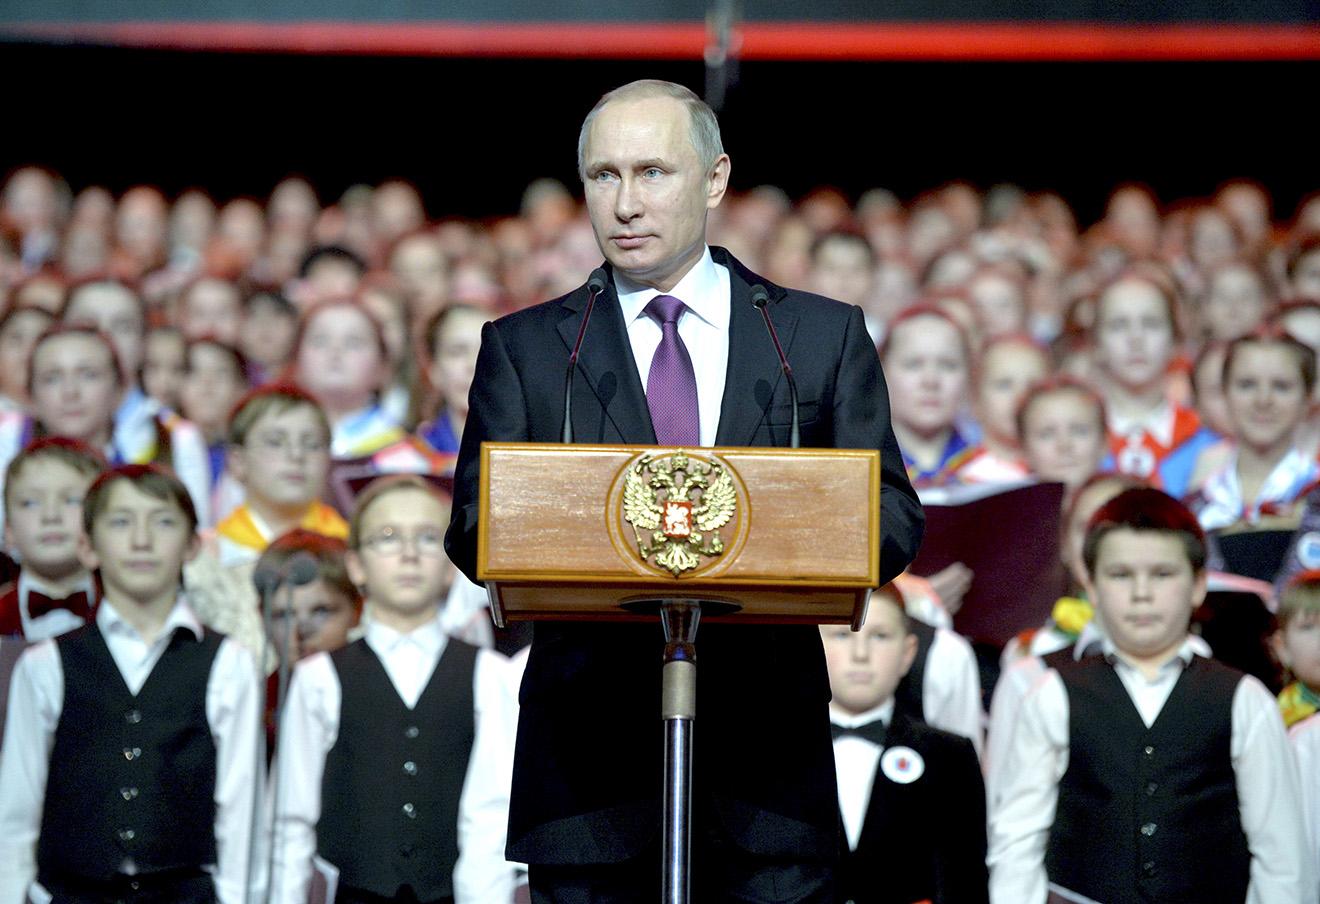 Владимир Путин выступает с речью на концерте Детского хора России.